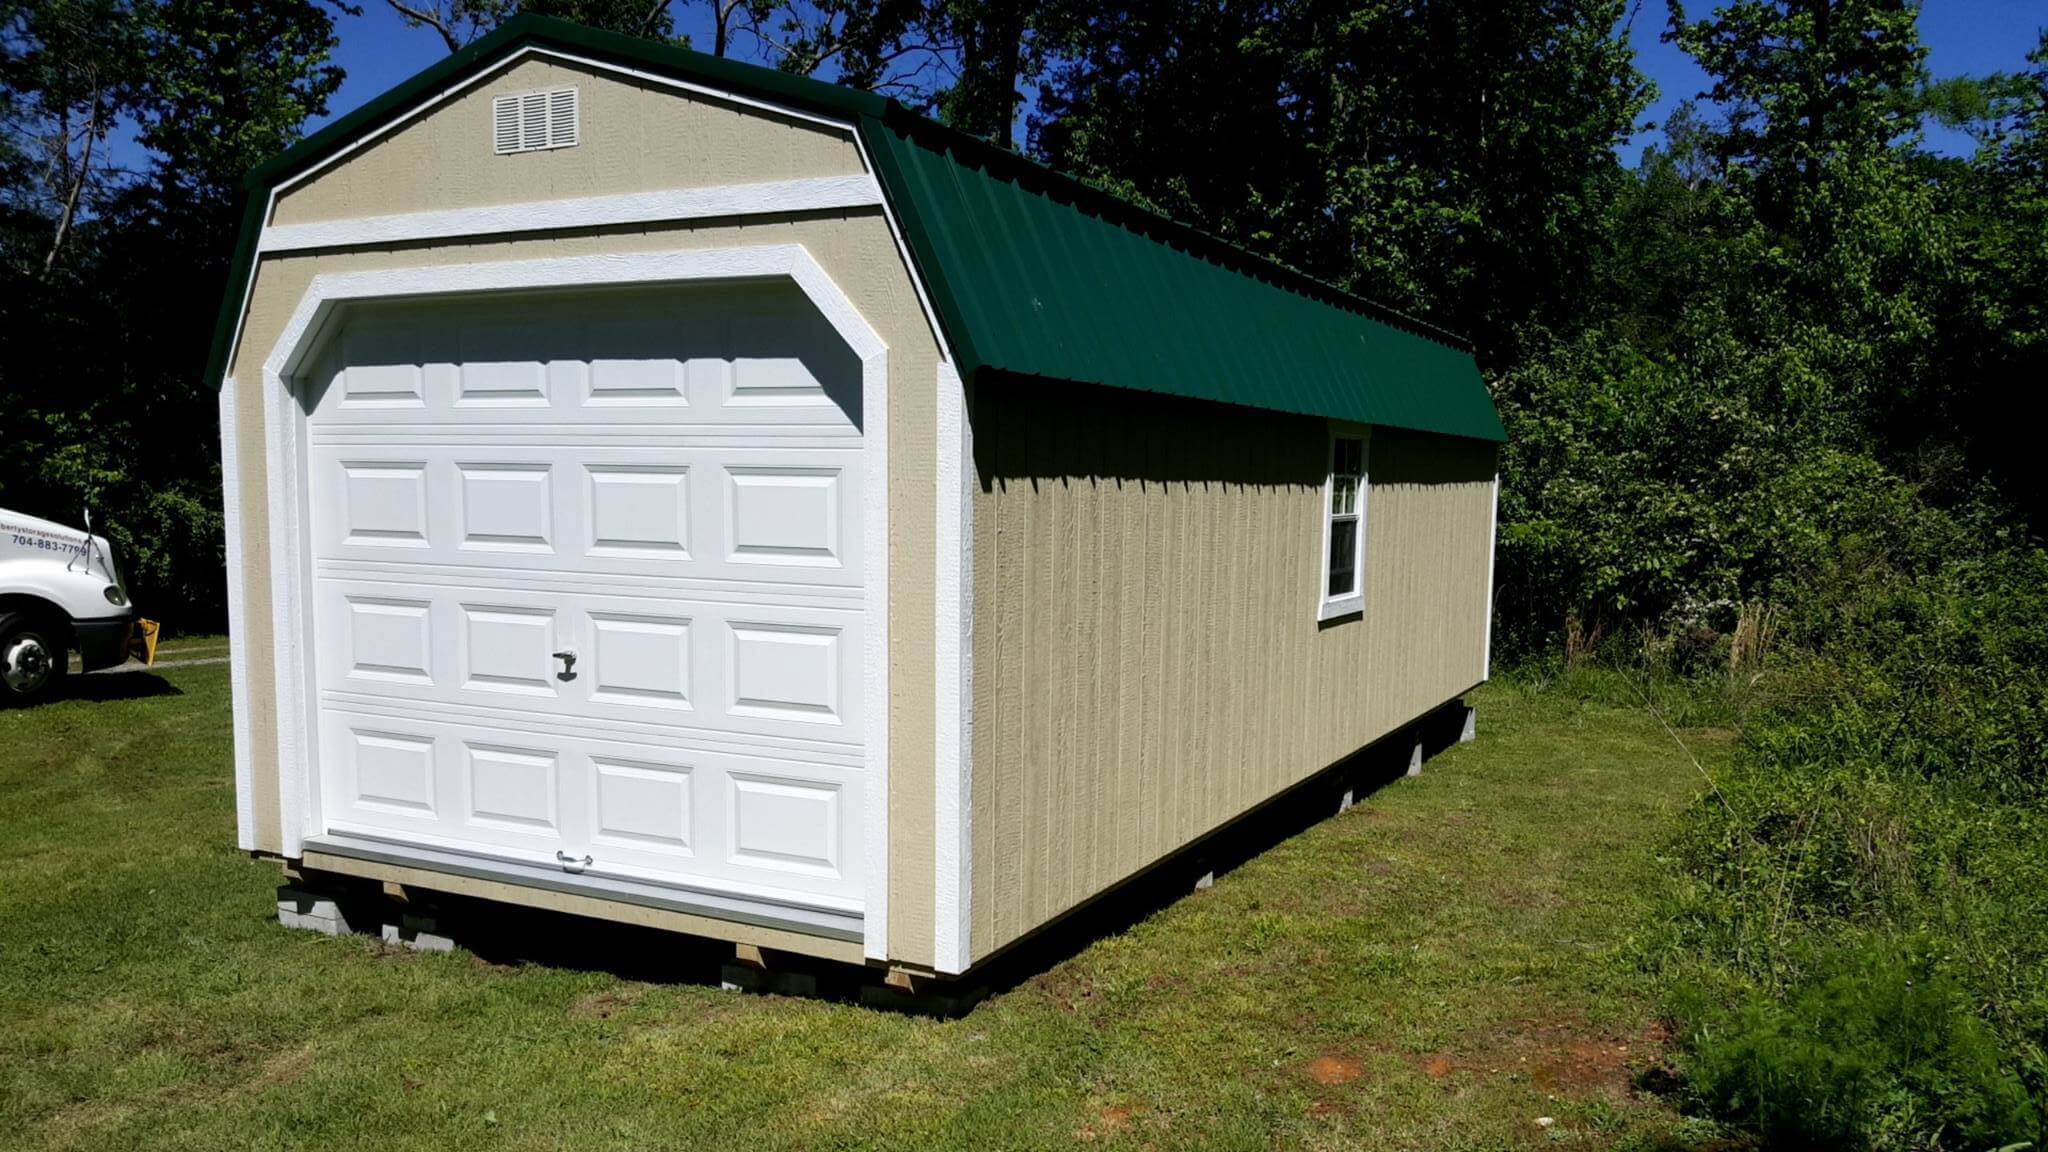 w-painted-lofted-garage-203-.jpg